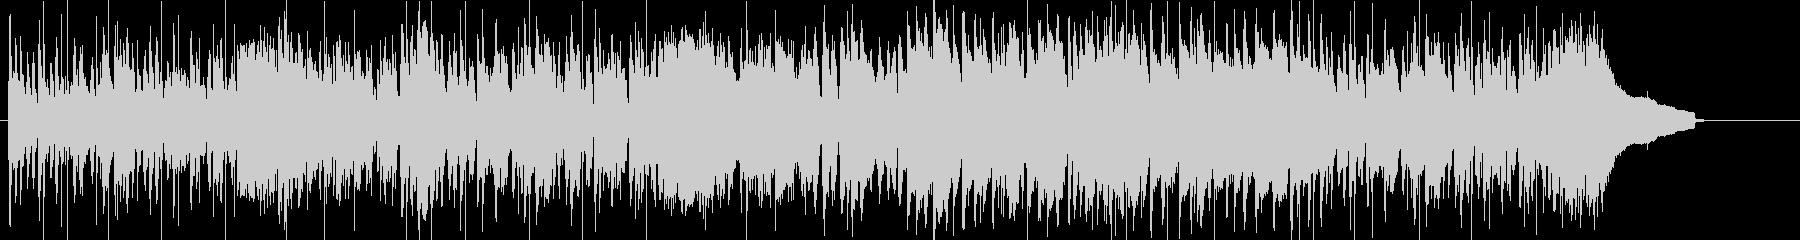 プログレ風のピアノ作品の未再生の波形